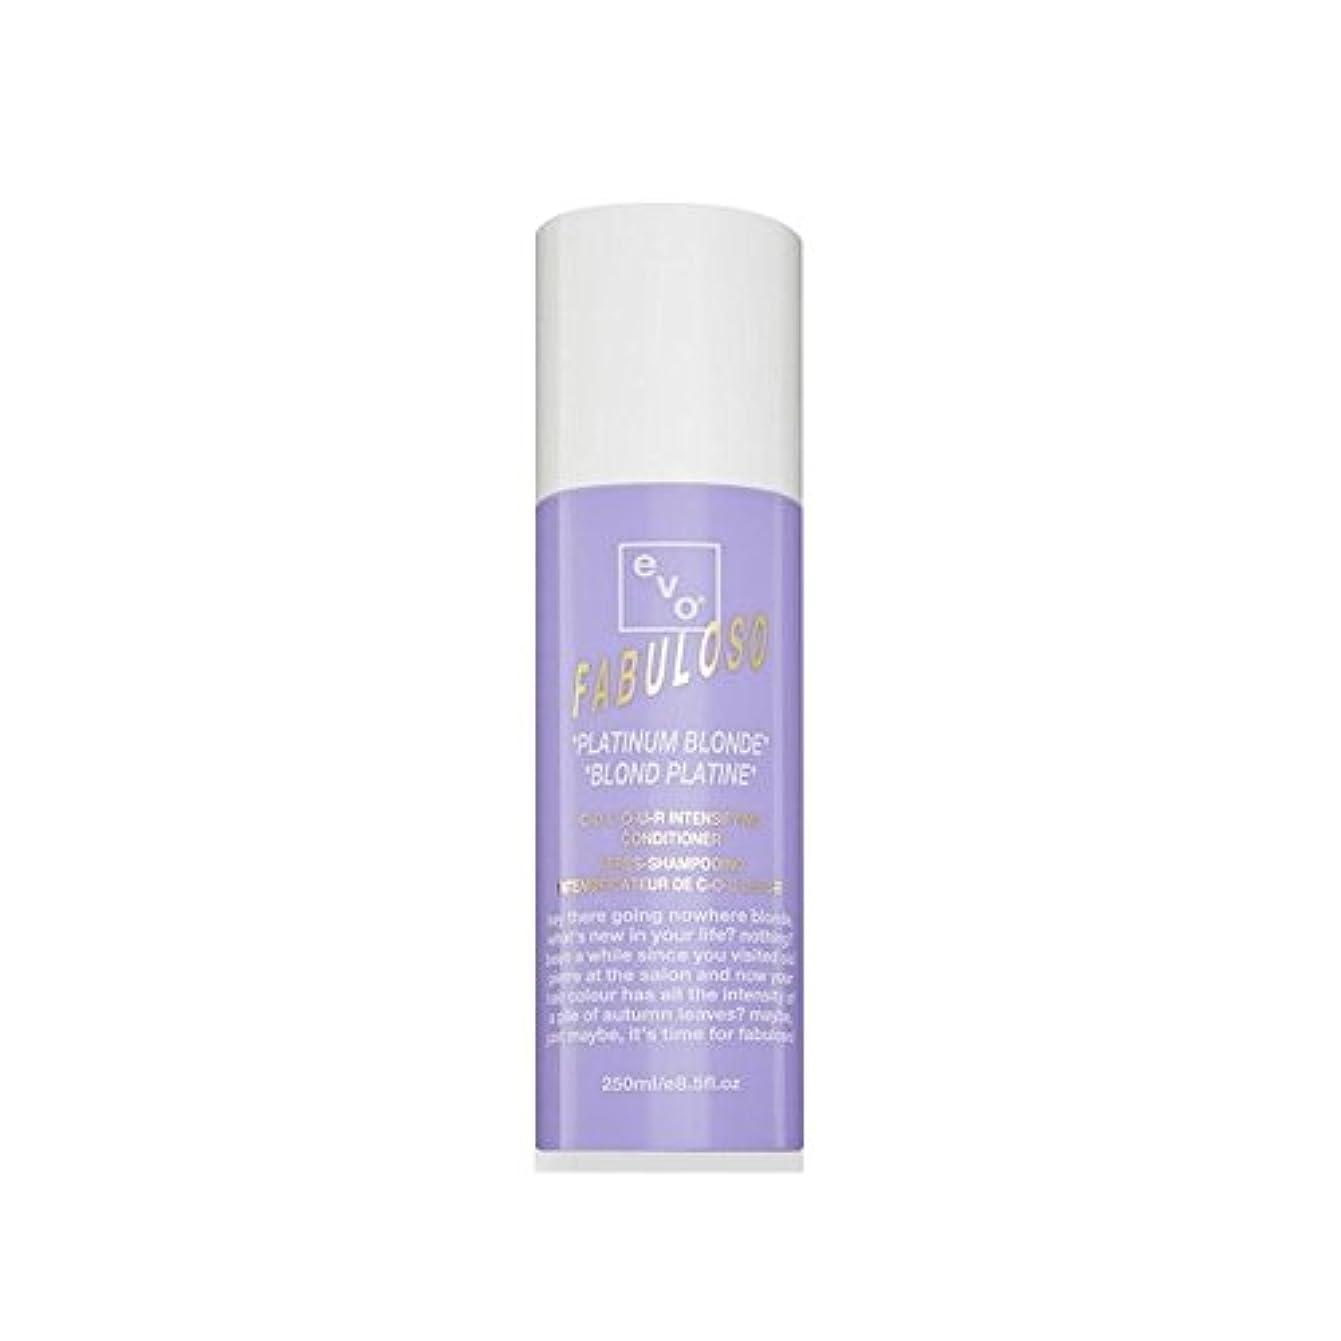 シエスタグリル狂人色増コンディショナープラチナブロンド(250ミリリットル) x4 - Evo Fabuloso Colour Intensifying Conditioner Platinum Blonde (250ml) (Pack of 4) [並行輸入品]